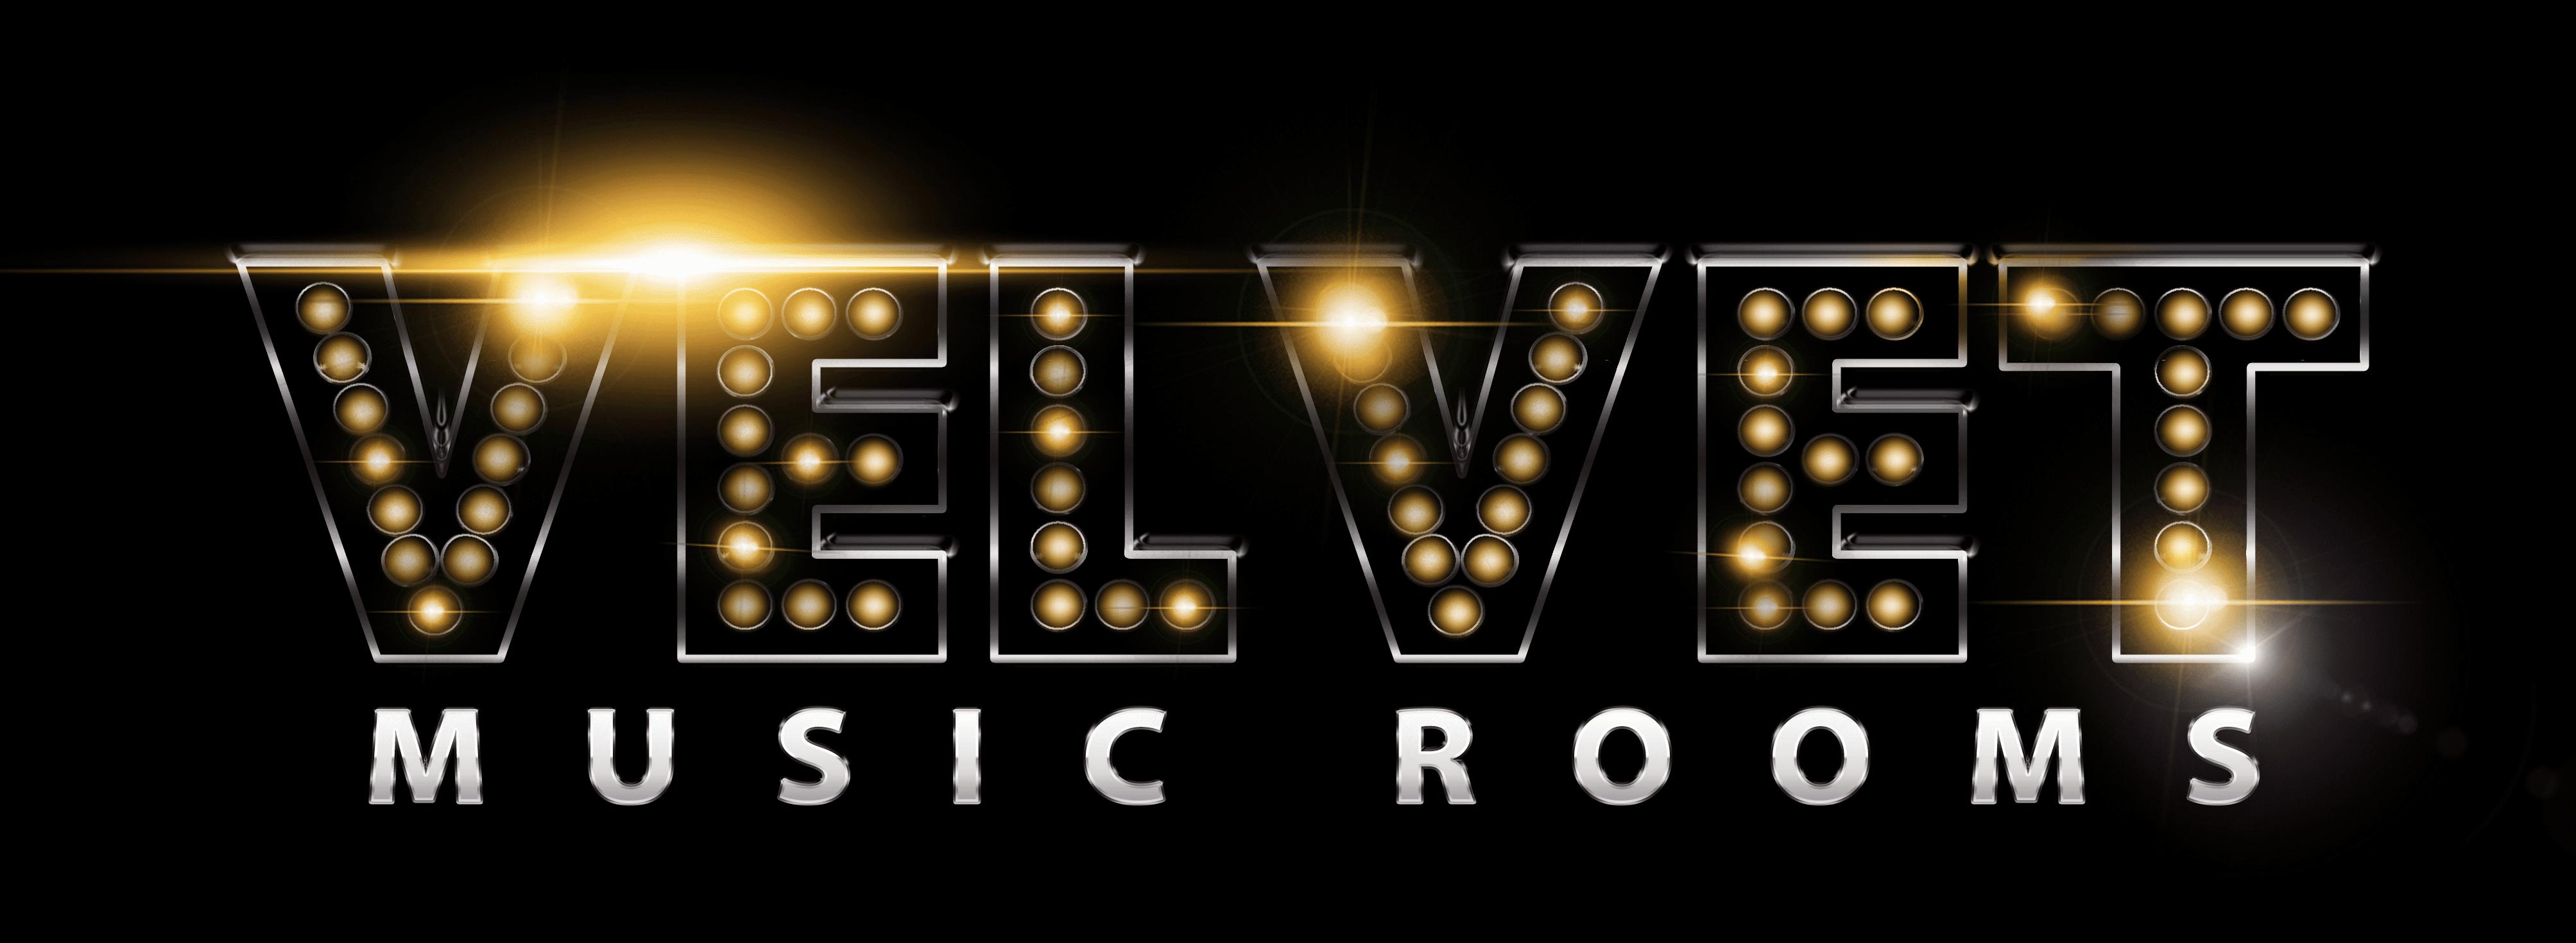 Velvet Music Rooms & Sugar Suite Club